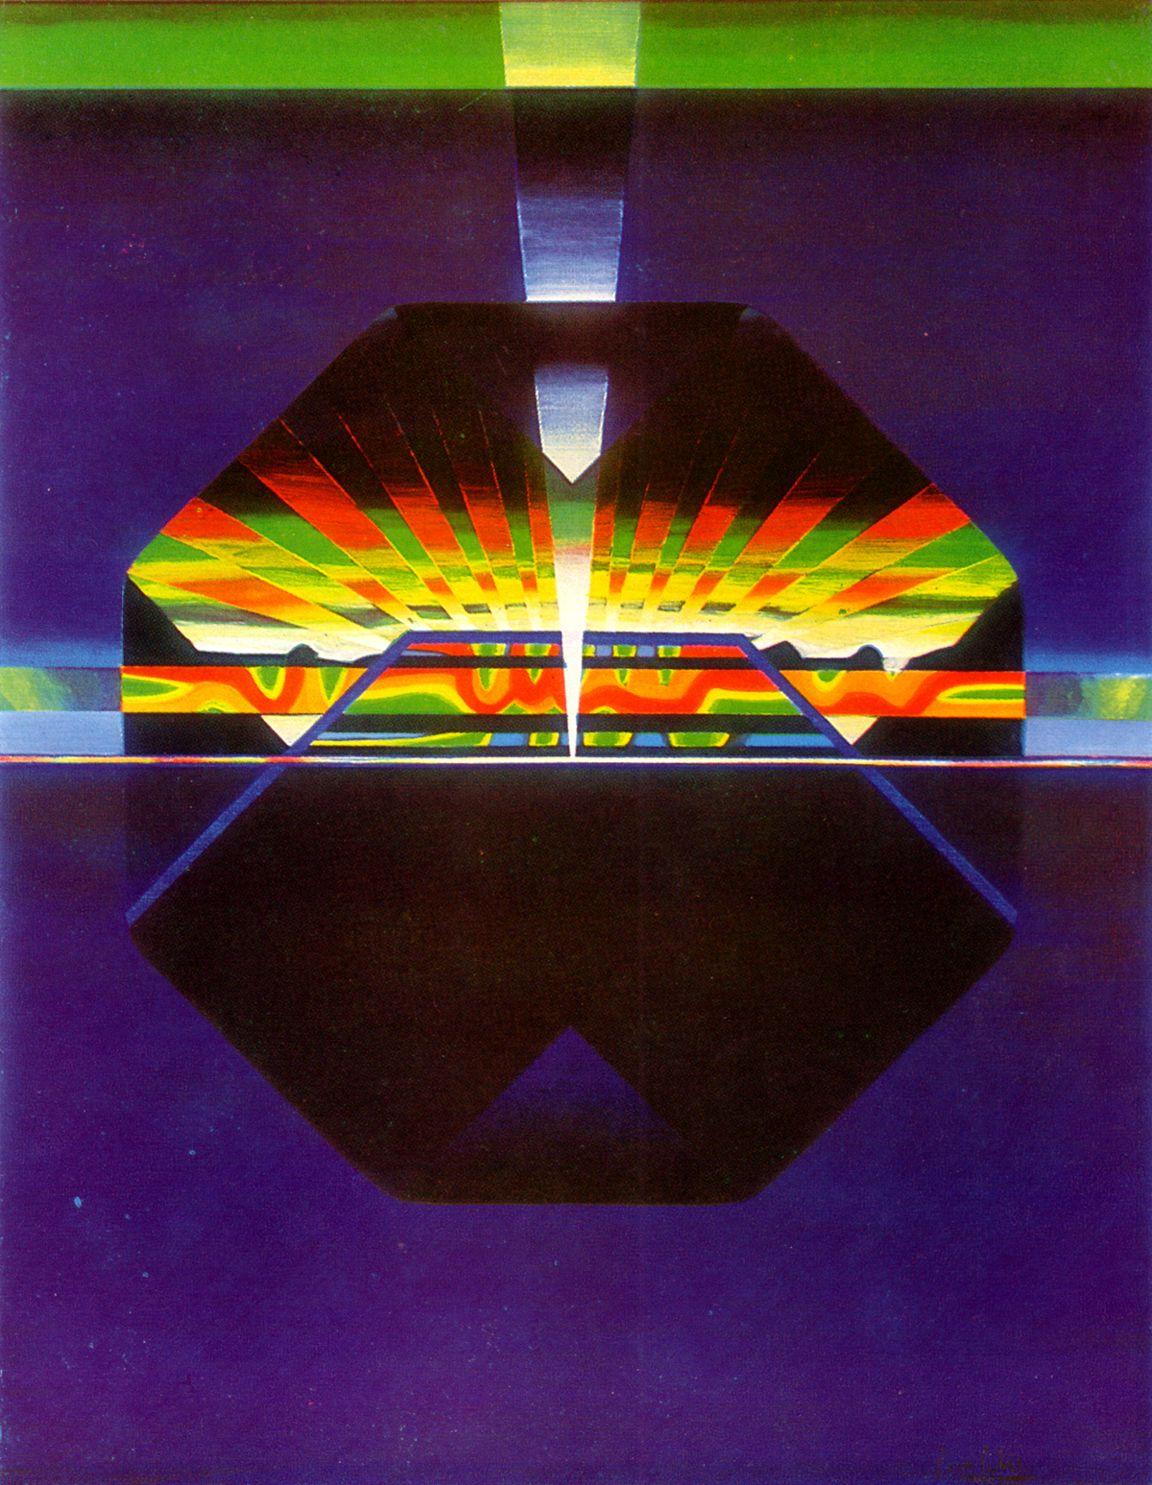 Nuestro espacio (1971)